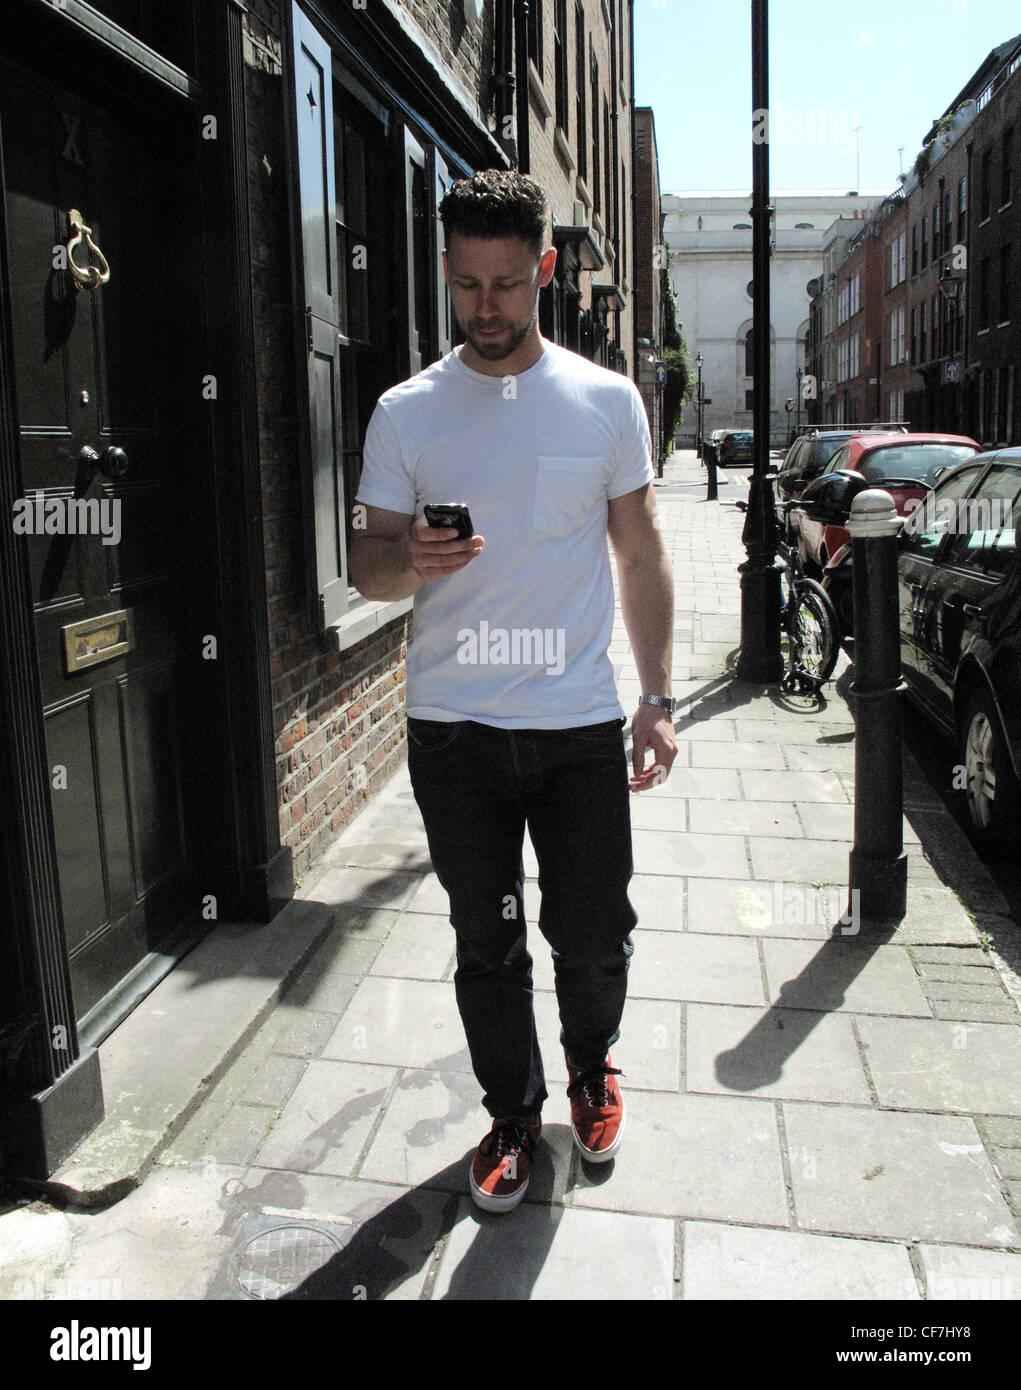 e23cd74098c9 homme-avec-les-cheveux-court-brunette-portant-un-t-shirt-blanc-jean-noir-et-rouge-des-formateurs-marchant-dans-la-rue-a-laide-dun-i-phone-cf7hy8.jpg